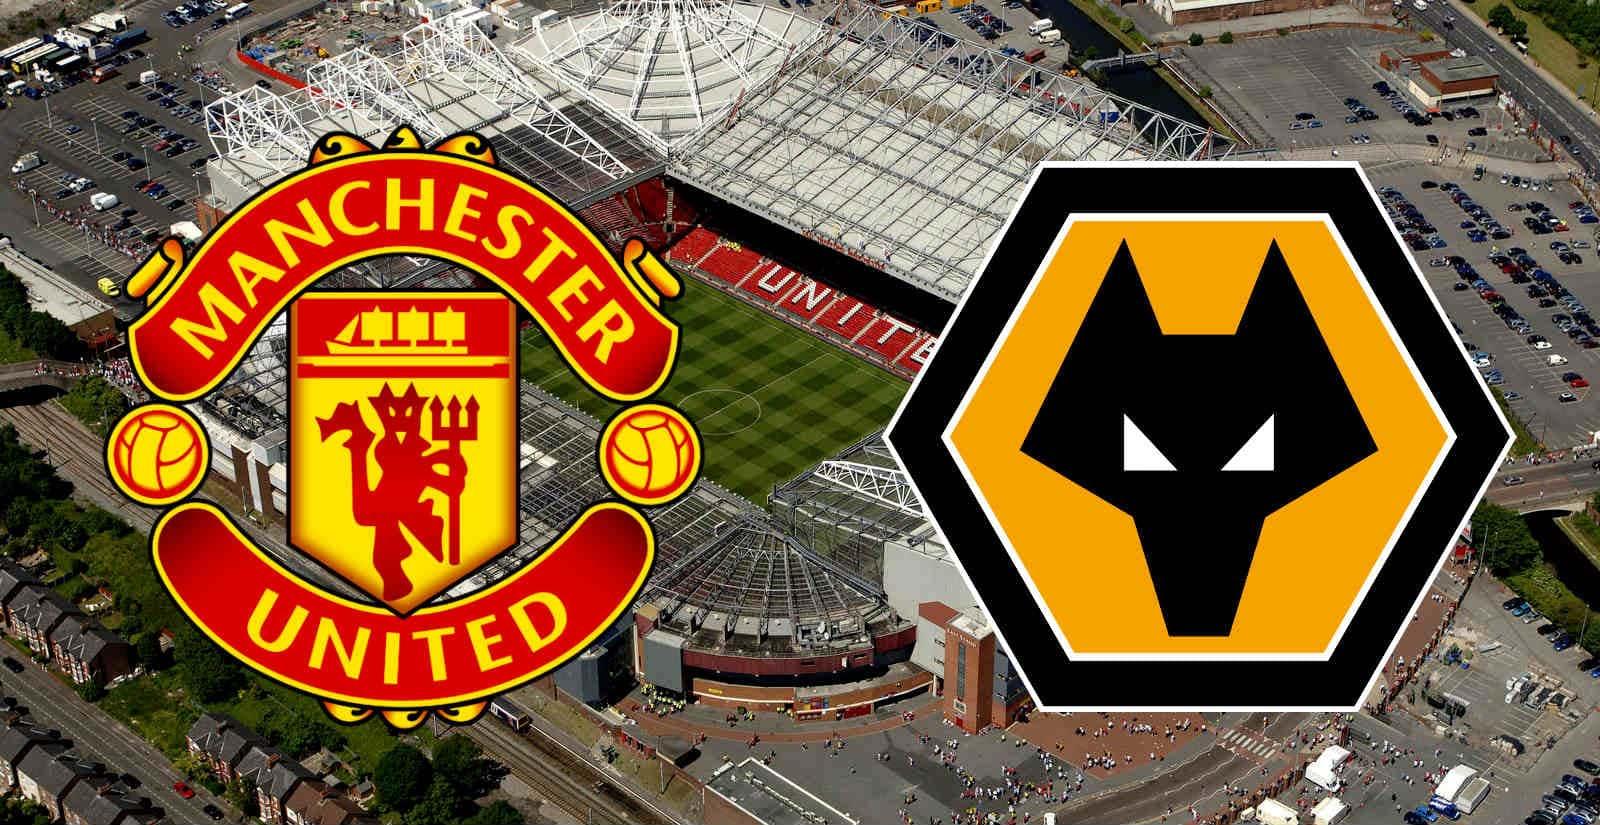 Манчестер Юнайтед - Вулверхэмптон прогноз 1 февраля